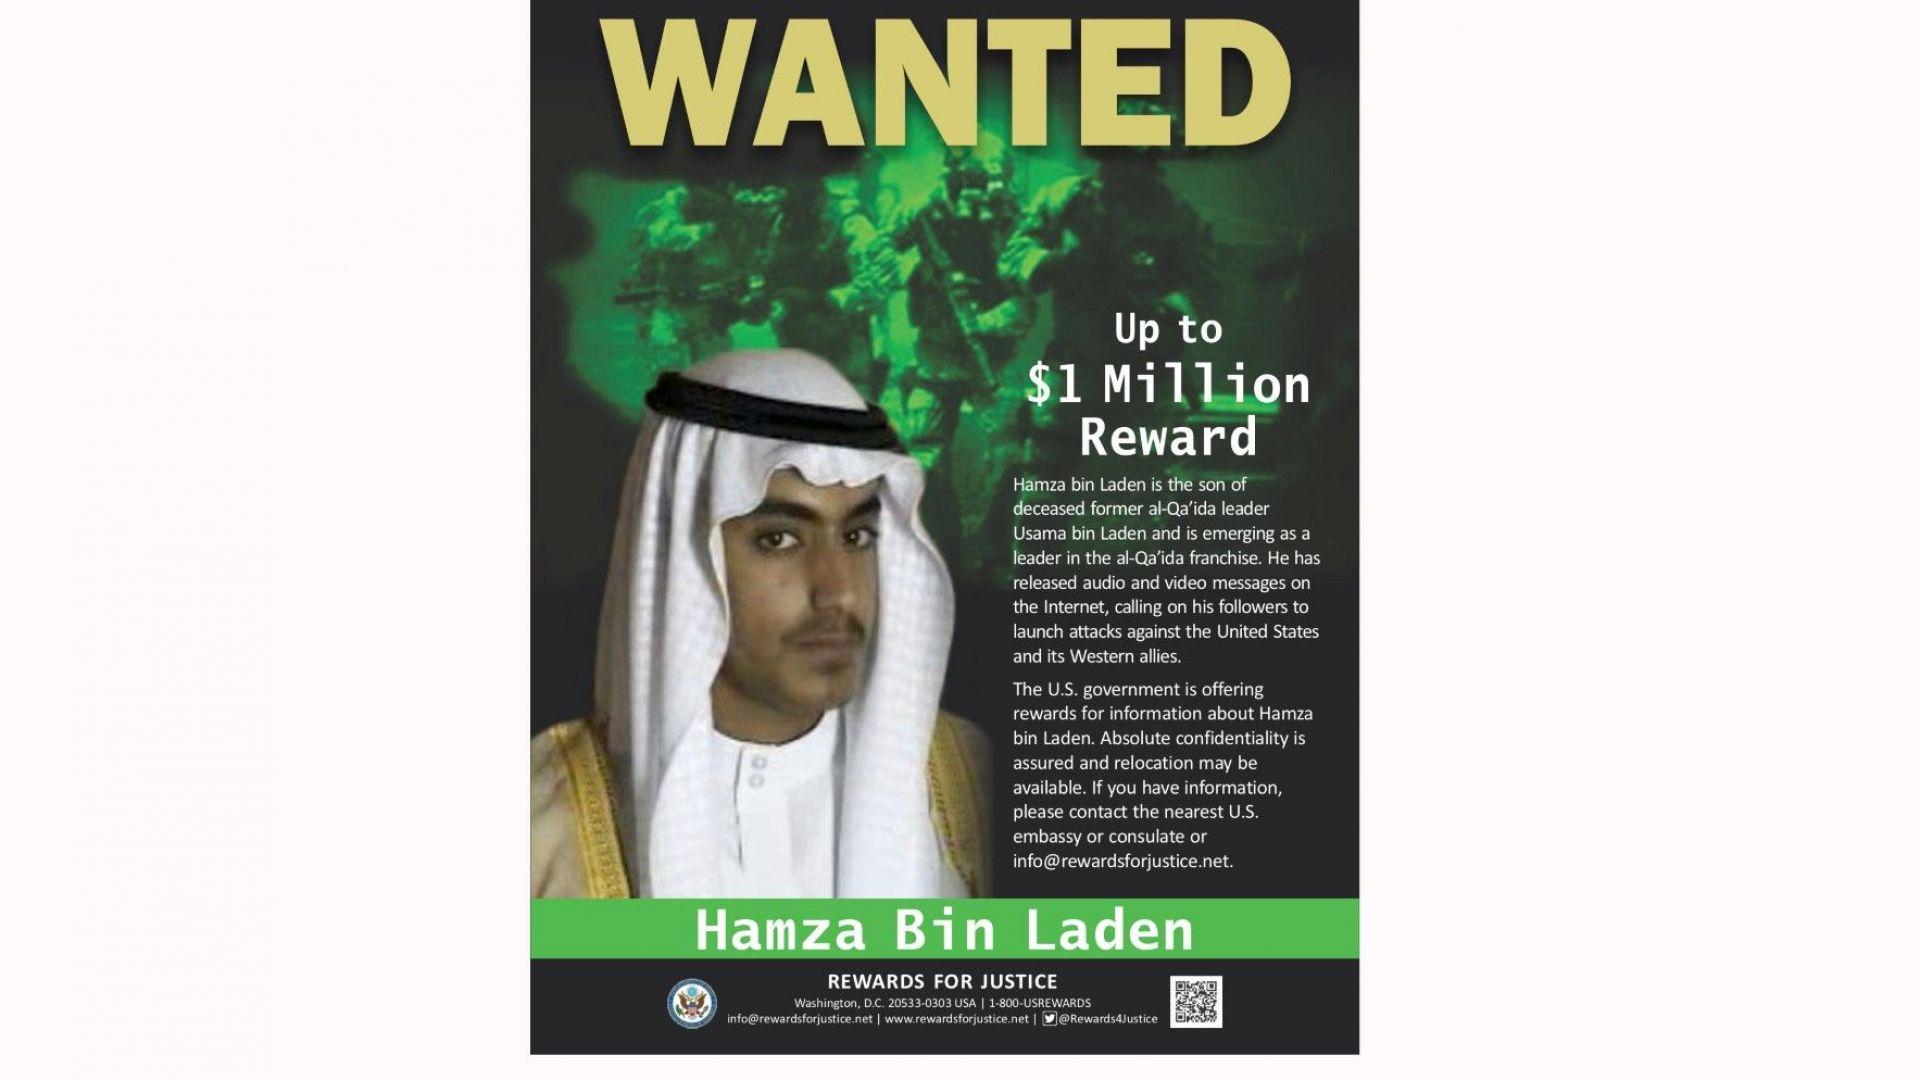 Саудитска Арабия обяви, че е лишила от гражданство сина на Бин Ладен - Хамза, за когото САЩ дават $1 млн.